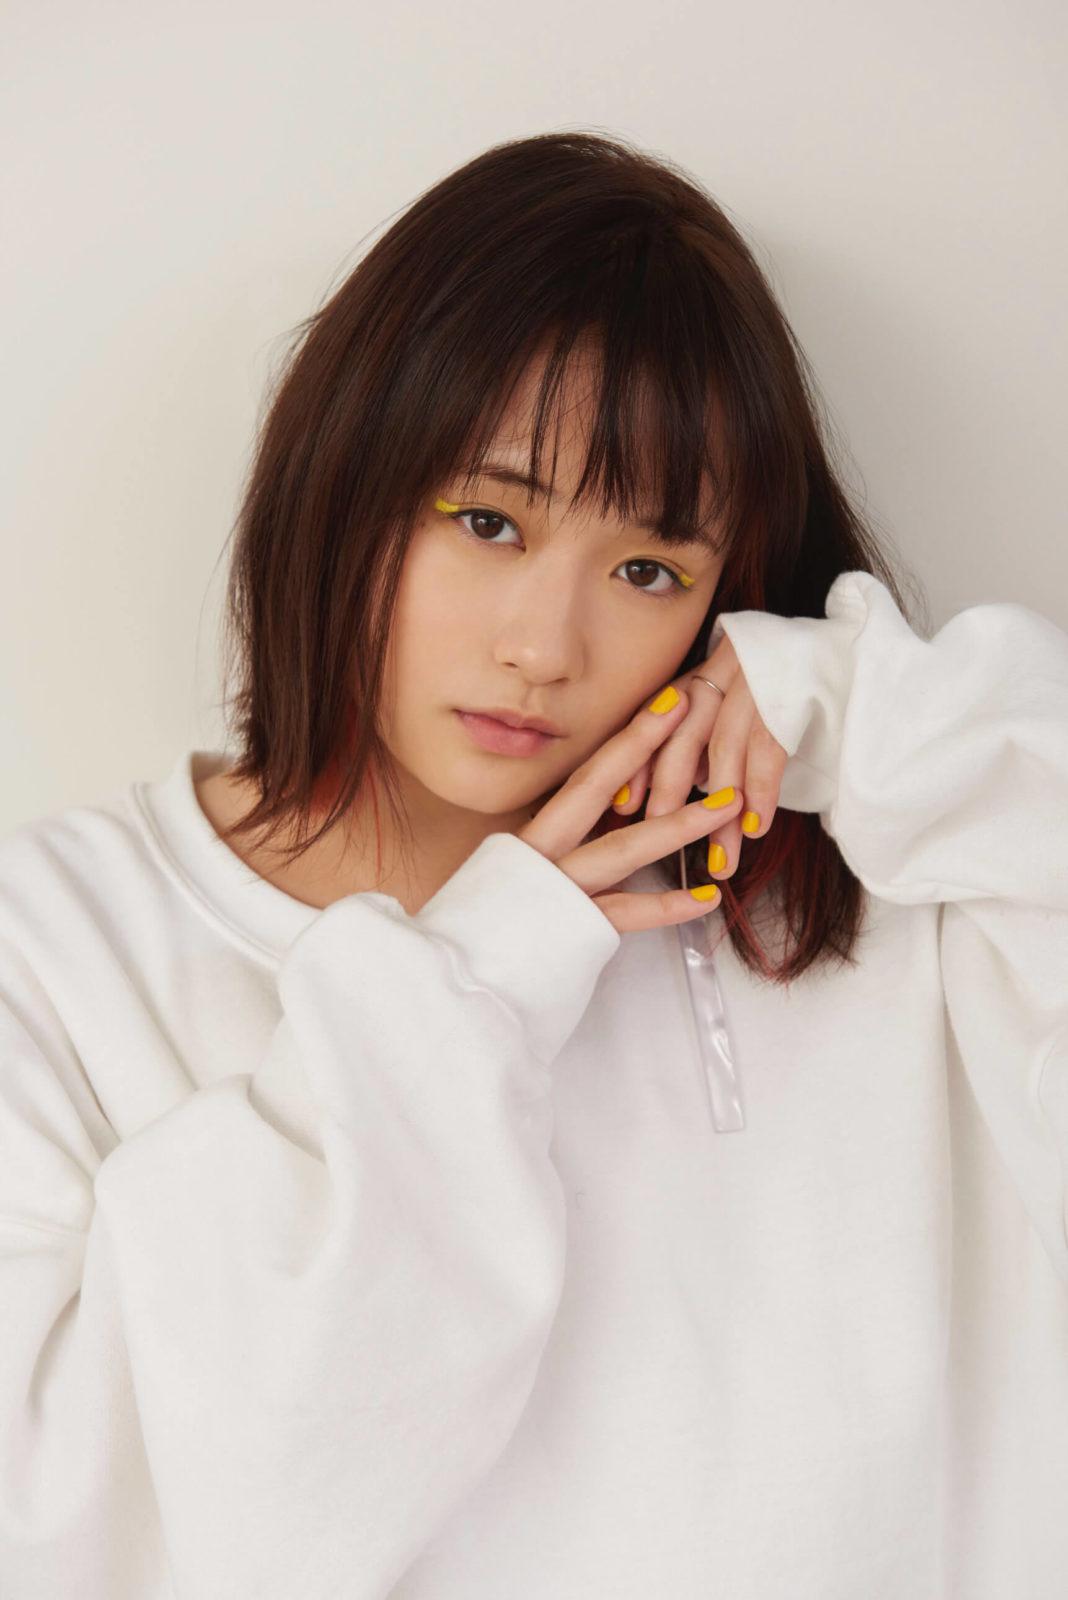 大原櫻子 2年振りのアルバム「Enjoy」のアートワークと収録詳細発表サムネイル画像